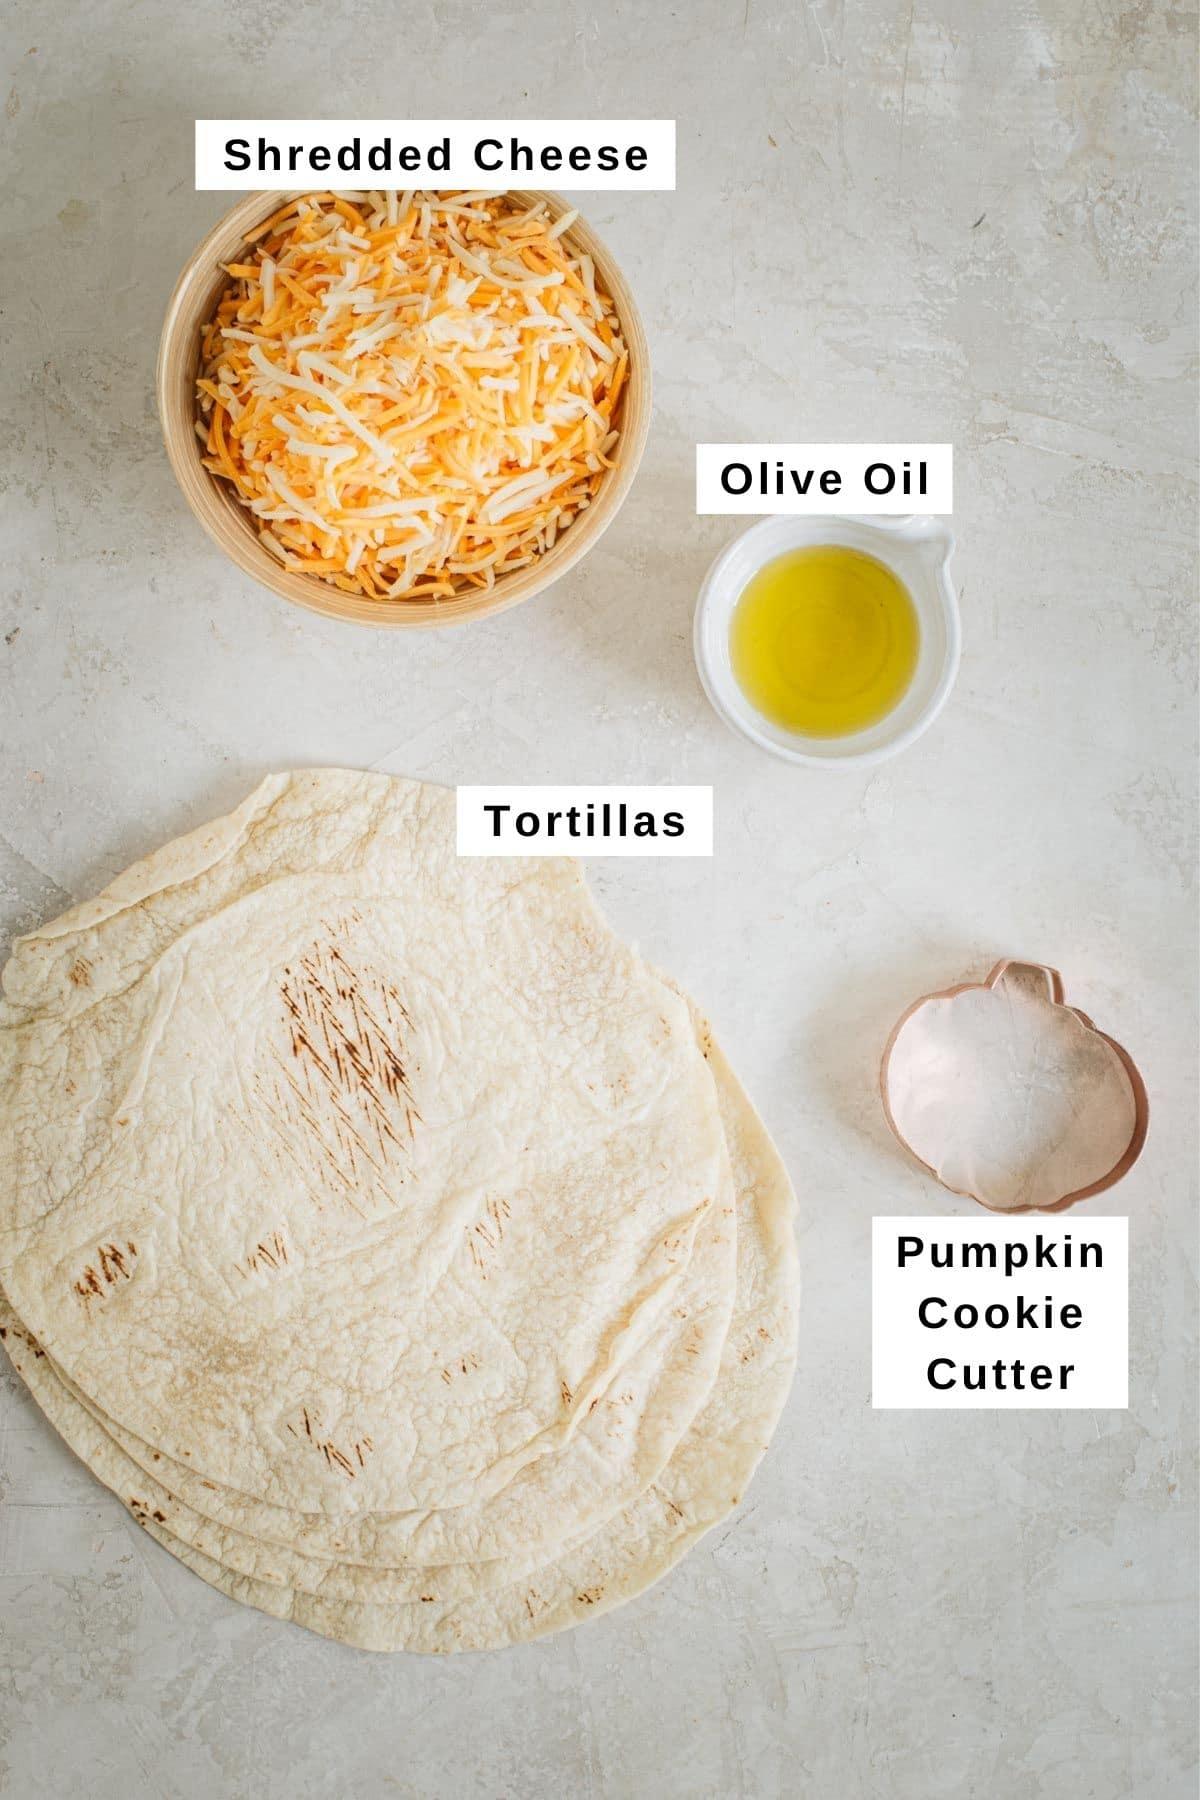 Jack-O-Lantern quesadillas ingredients.